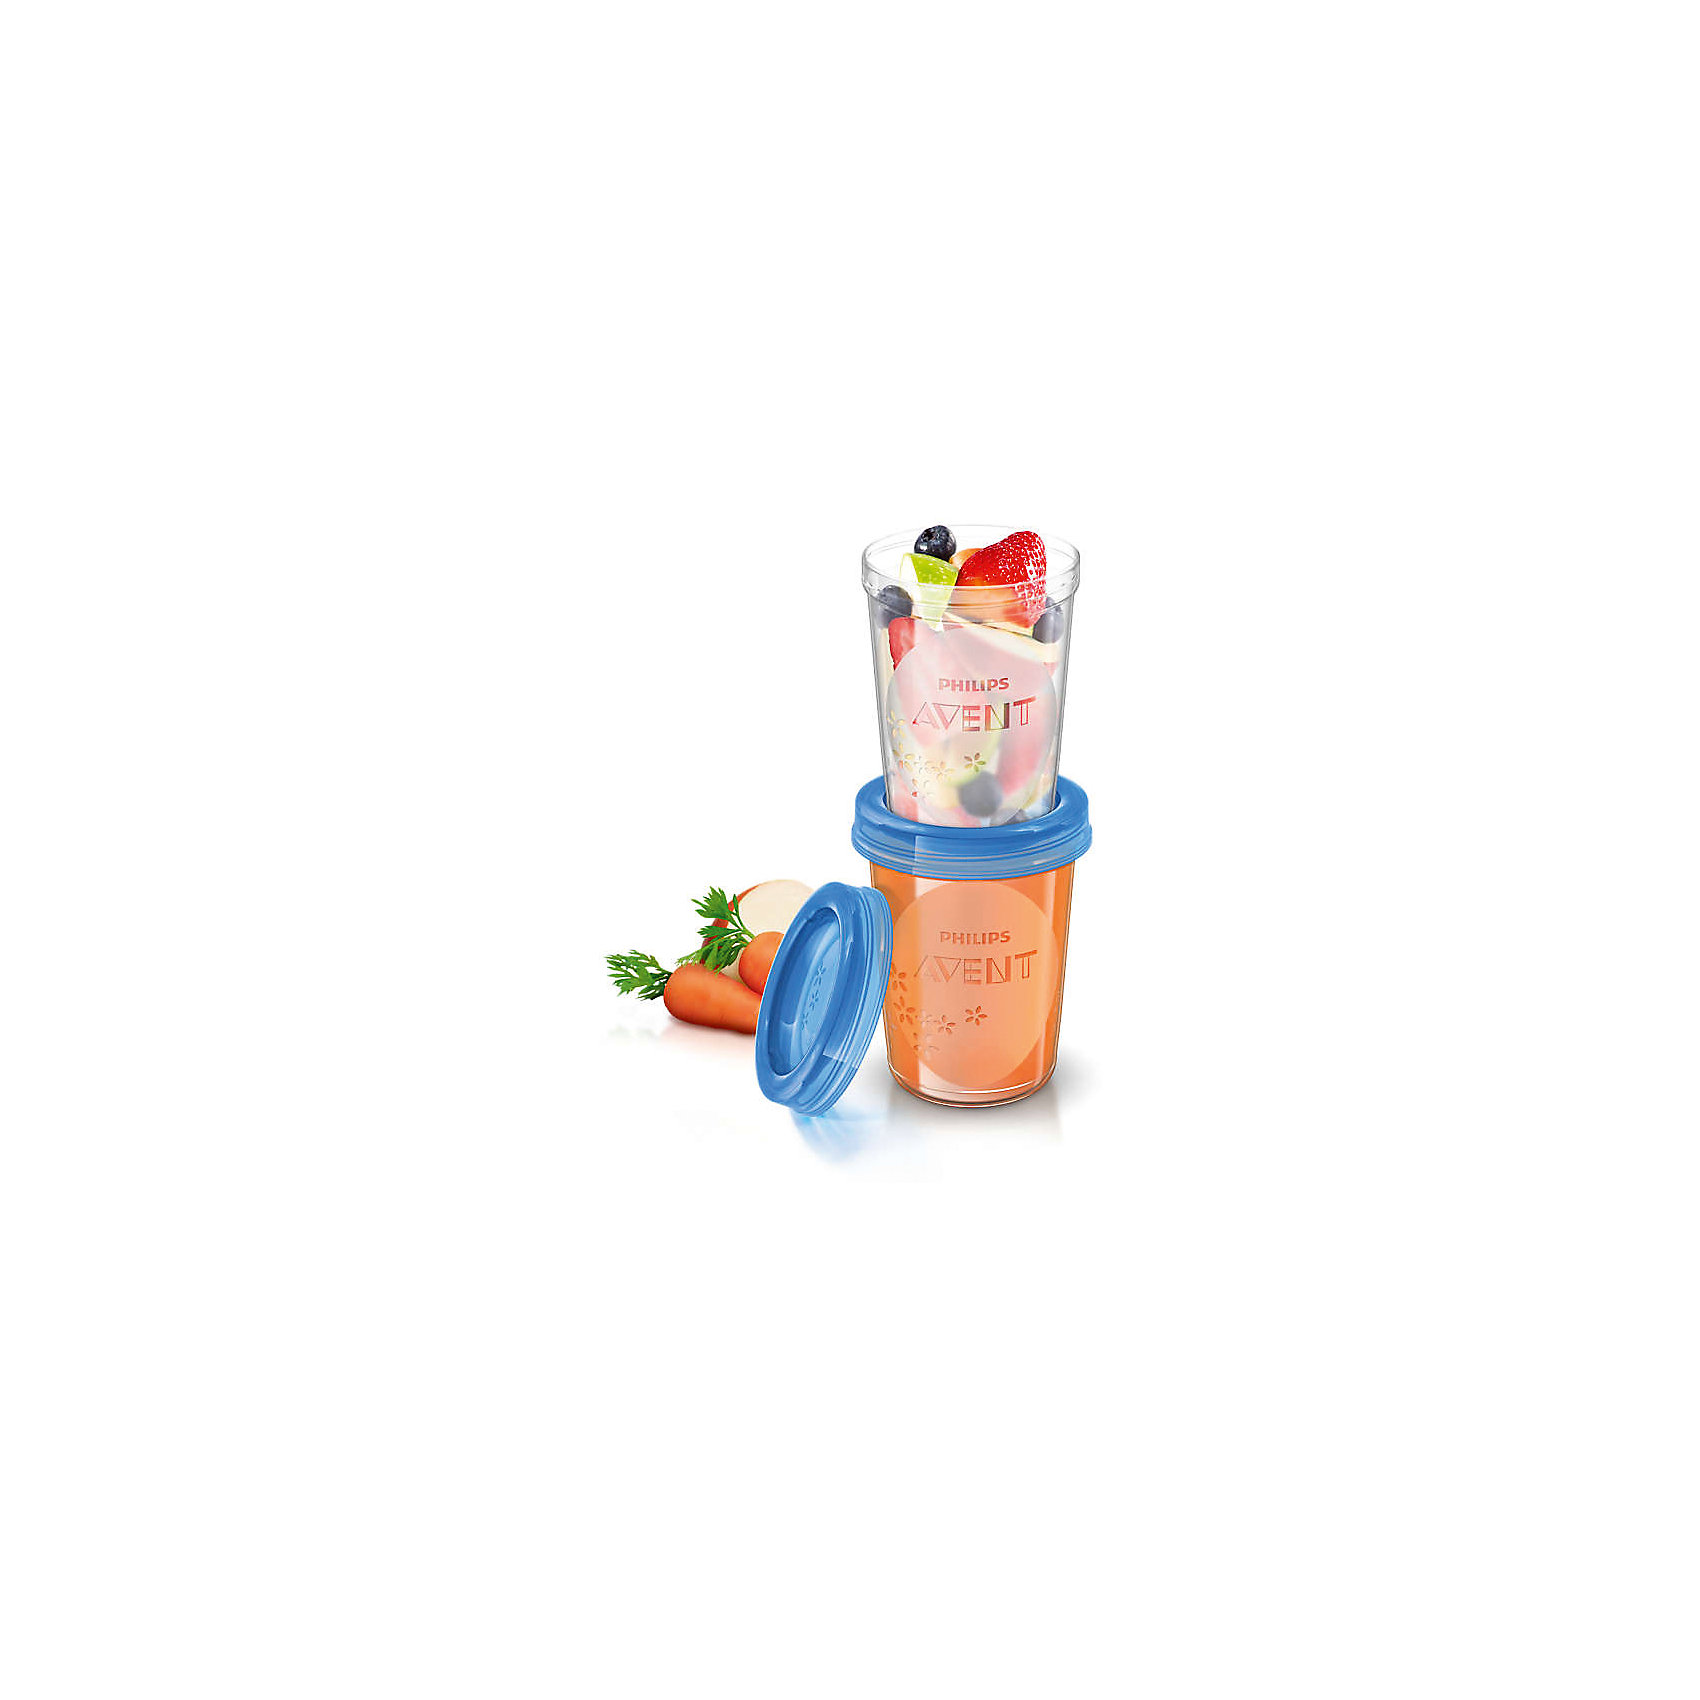 Контейнеры с крышками для хранения питания, 5 шт. 240 мл, Philips AventТакой набор контейнеров для хранения позволит эффективней сцеживать и хранить грудное молоко. <br><br>Особенности:<br>- Имеют надежную, герметичную крышку для лучшего хранения и транспортировки.<br>- Перед использованием изделие необходимо тщательно промыть.<br>- Контейнеры можно стерилизовать.<br>- Не содержит бисфенол-А.<br><br>Дополнительная информация:<br><br>- Объем: 240 мл.<br>- Кол-во в упаковке: 5 шт.<br>- Размер упаковки: 8х8х20 см.<br>- Вес в упаковке: 172 г.<br><br>Купить контейнеры с крышками для хранения питания от Philips Avent   можно в нашем магазине.<br><br>Ширина мм: 80<br>Глубина мм: 80<br>Высота мм: 200<br>Вес г: 172<br>Возраст от месяцев: 0<br>Возраст до месяцев: 36<br>Пол: Унисекс<br>Возраст: Детский<br>SKU: 4880877